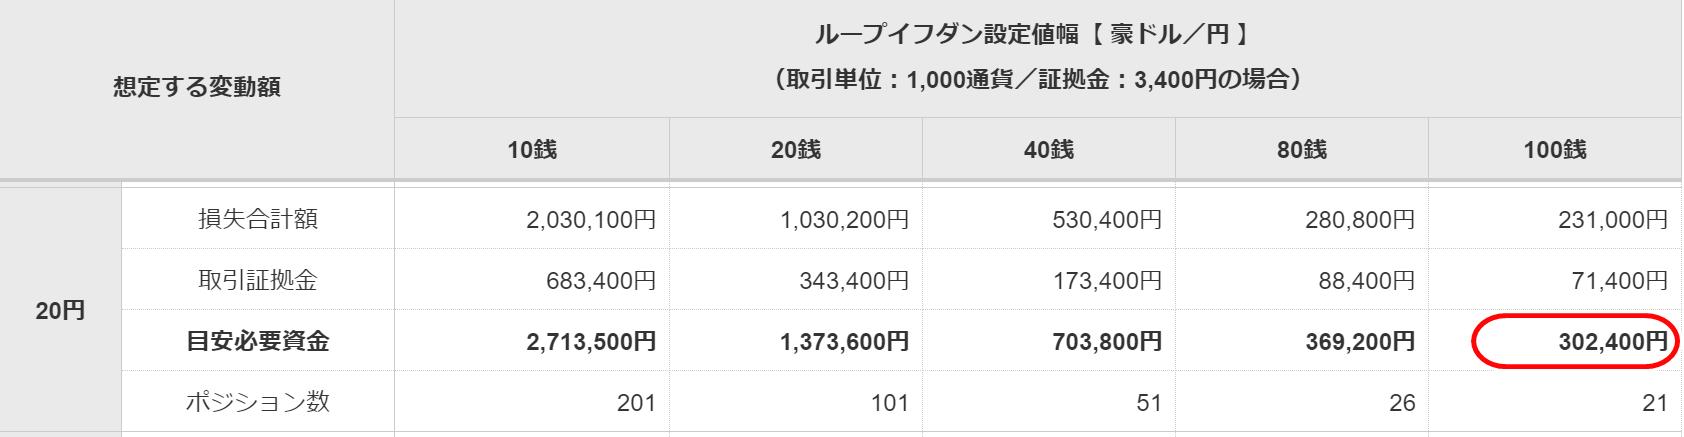 目安資金表 豪ドル/円